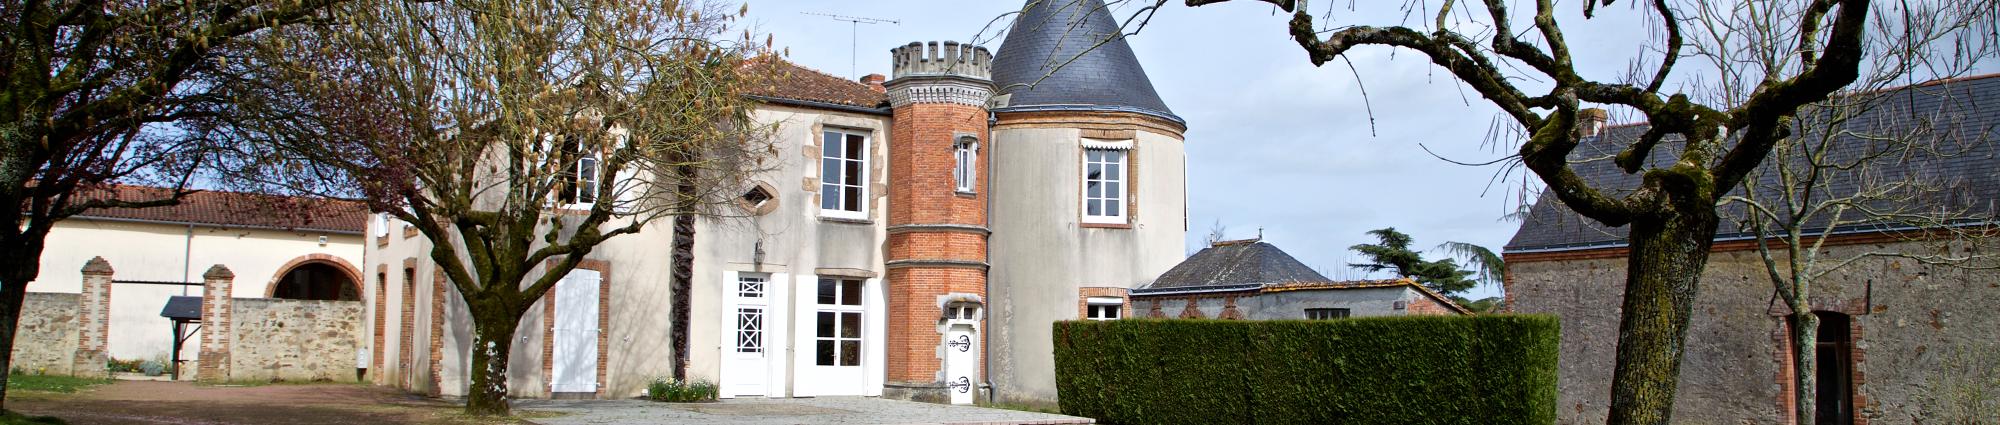 header-saint-leg-mairie